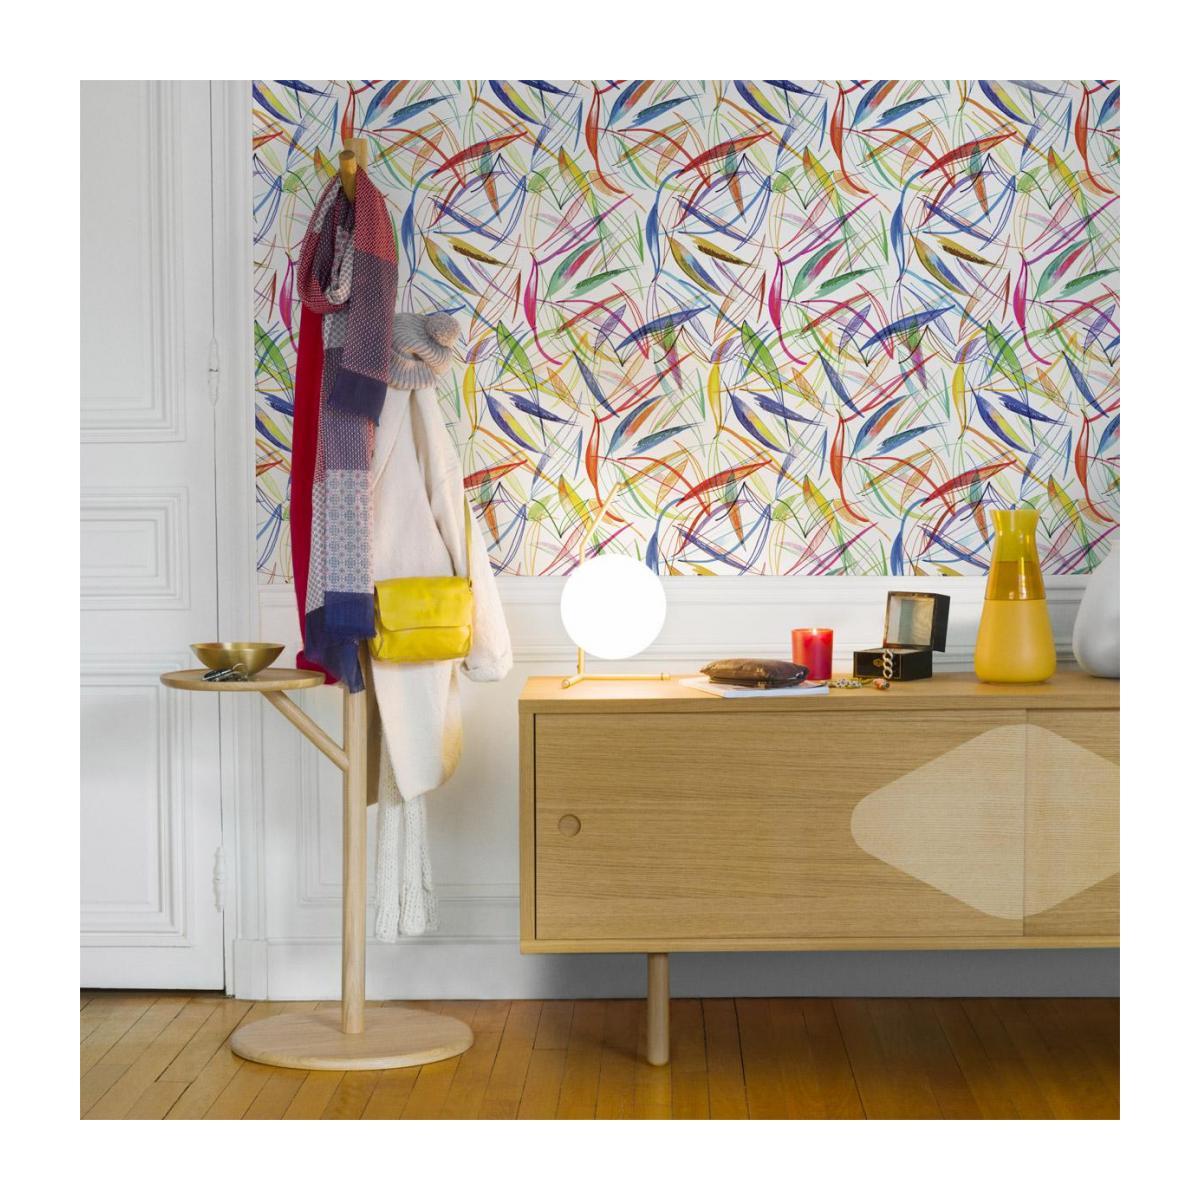 Peinture ou papier peint : À la rentrée, je redonne des couleurs à mon intérieur !